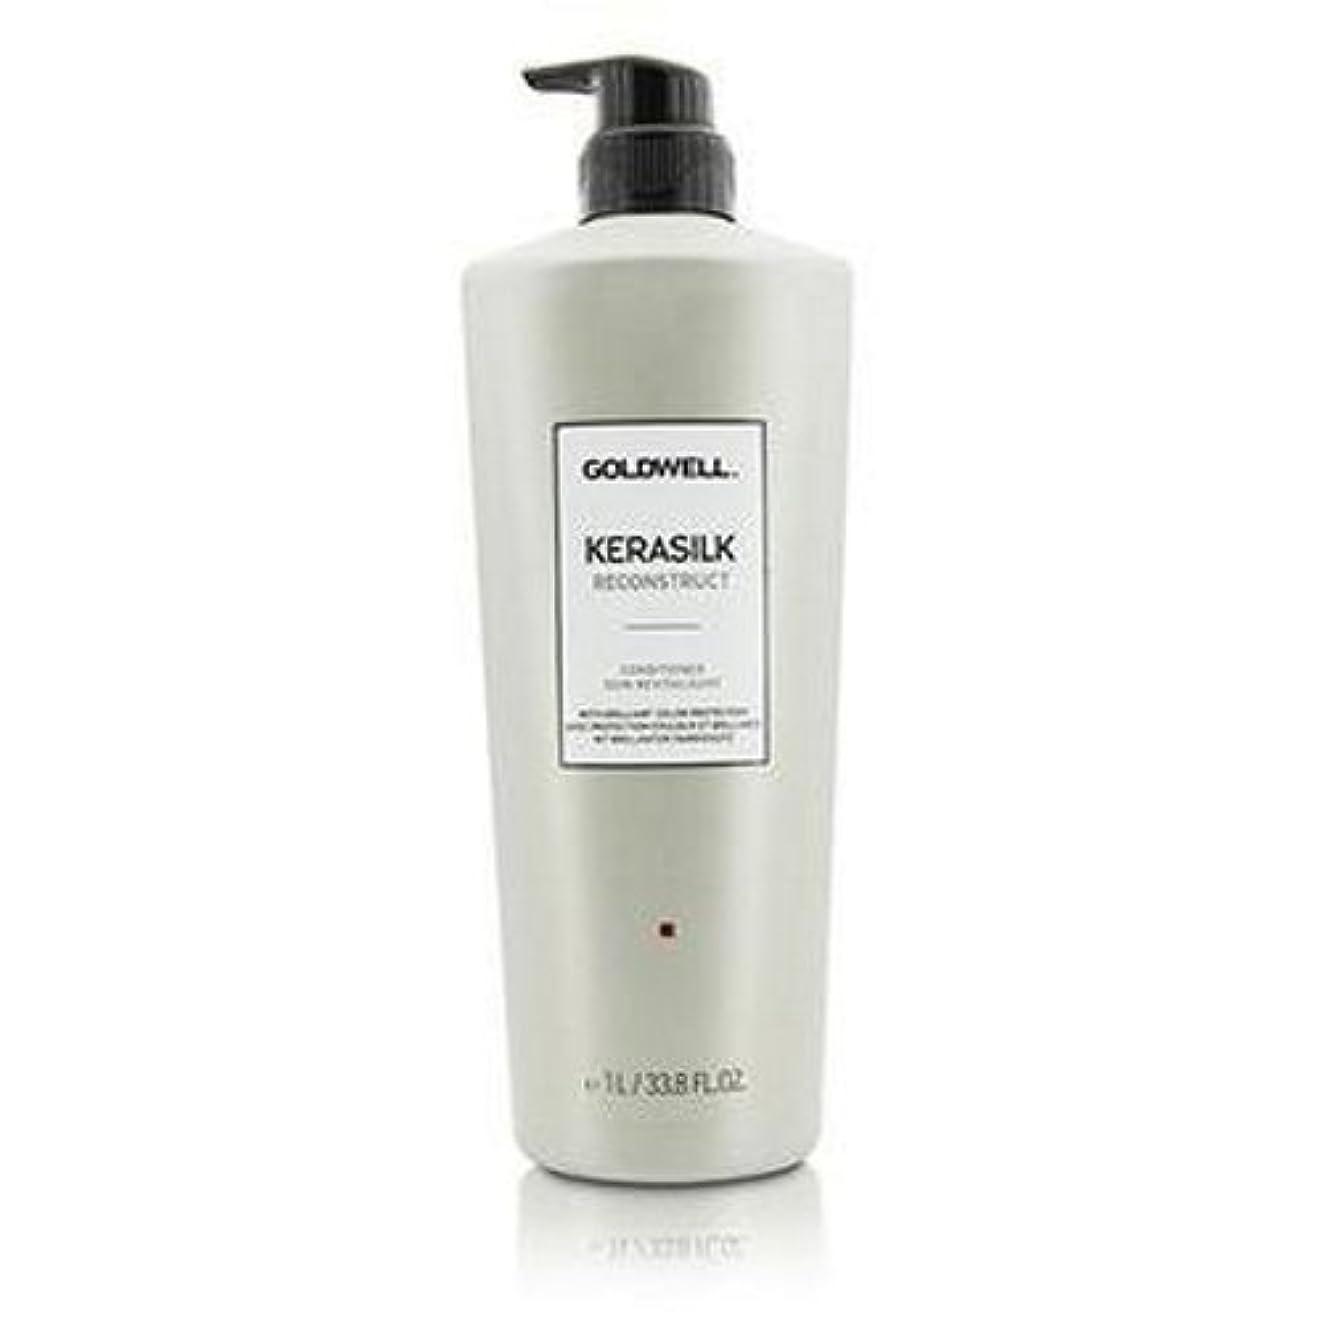 マッサージブランク対立ゴールドウェル Kerasilk Reconstruct Conditioner (For Stressed and Damaged Hair) 1000ml